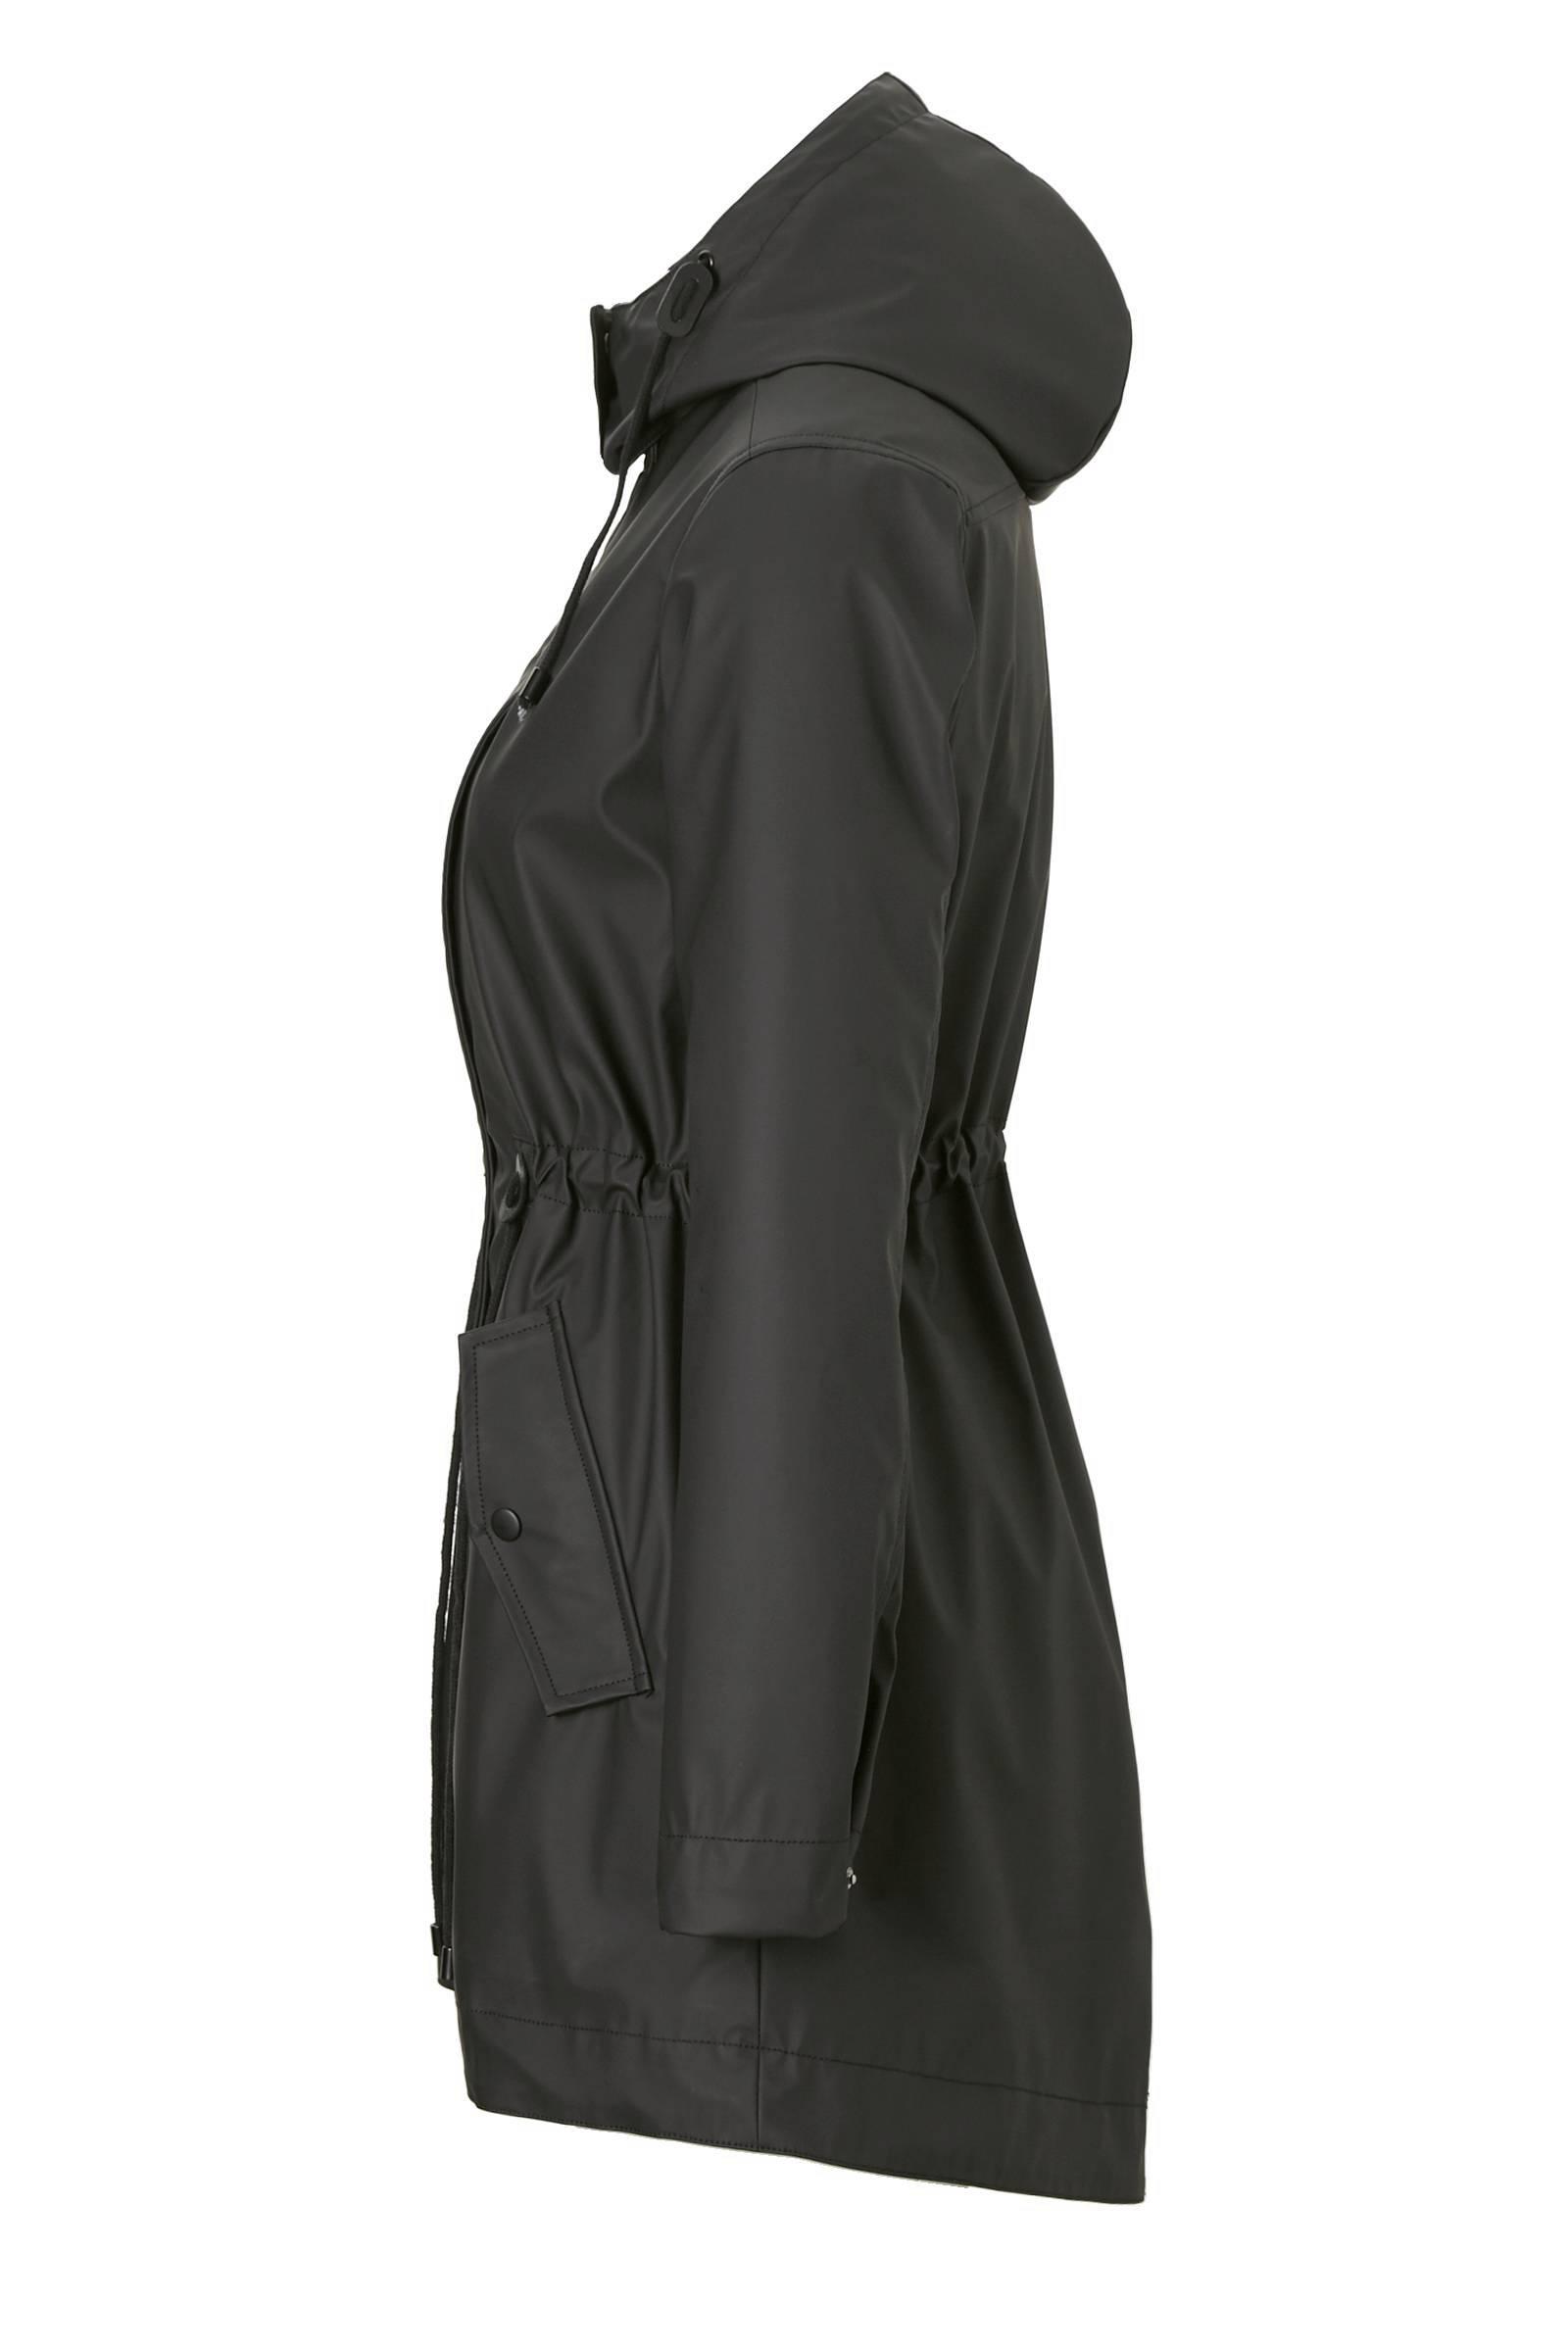 Ongekend whkmp's own warm gevoerde regenjas | wehkamp RE-17